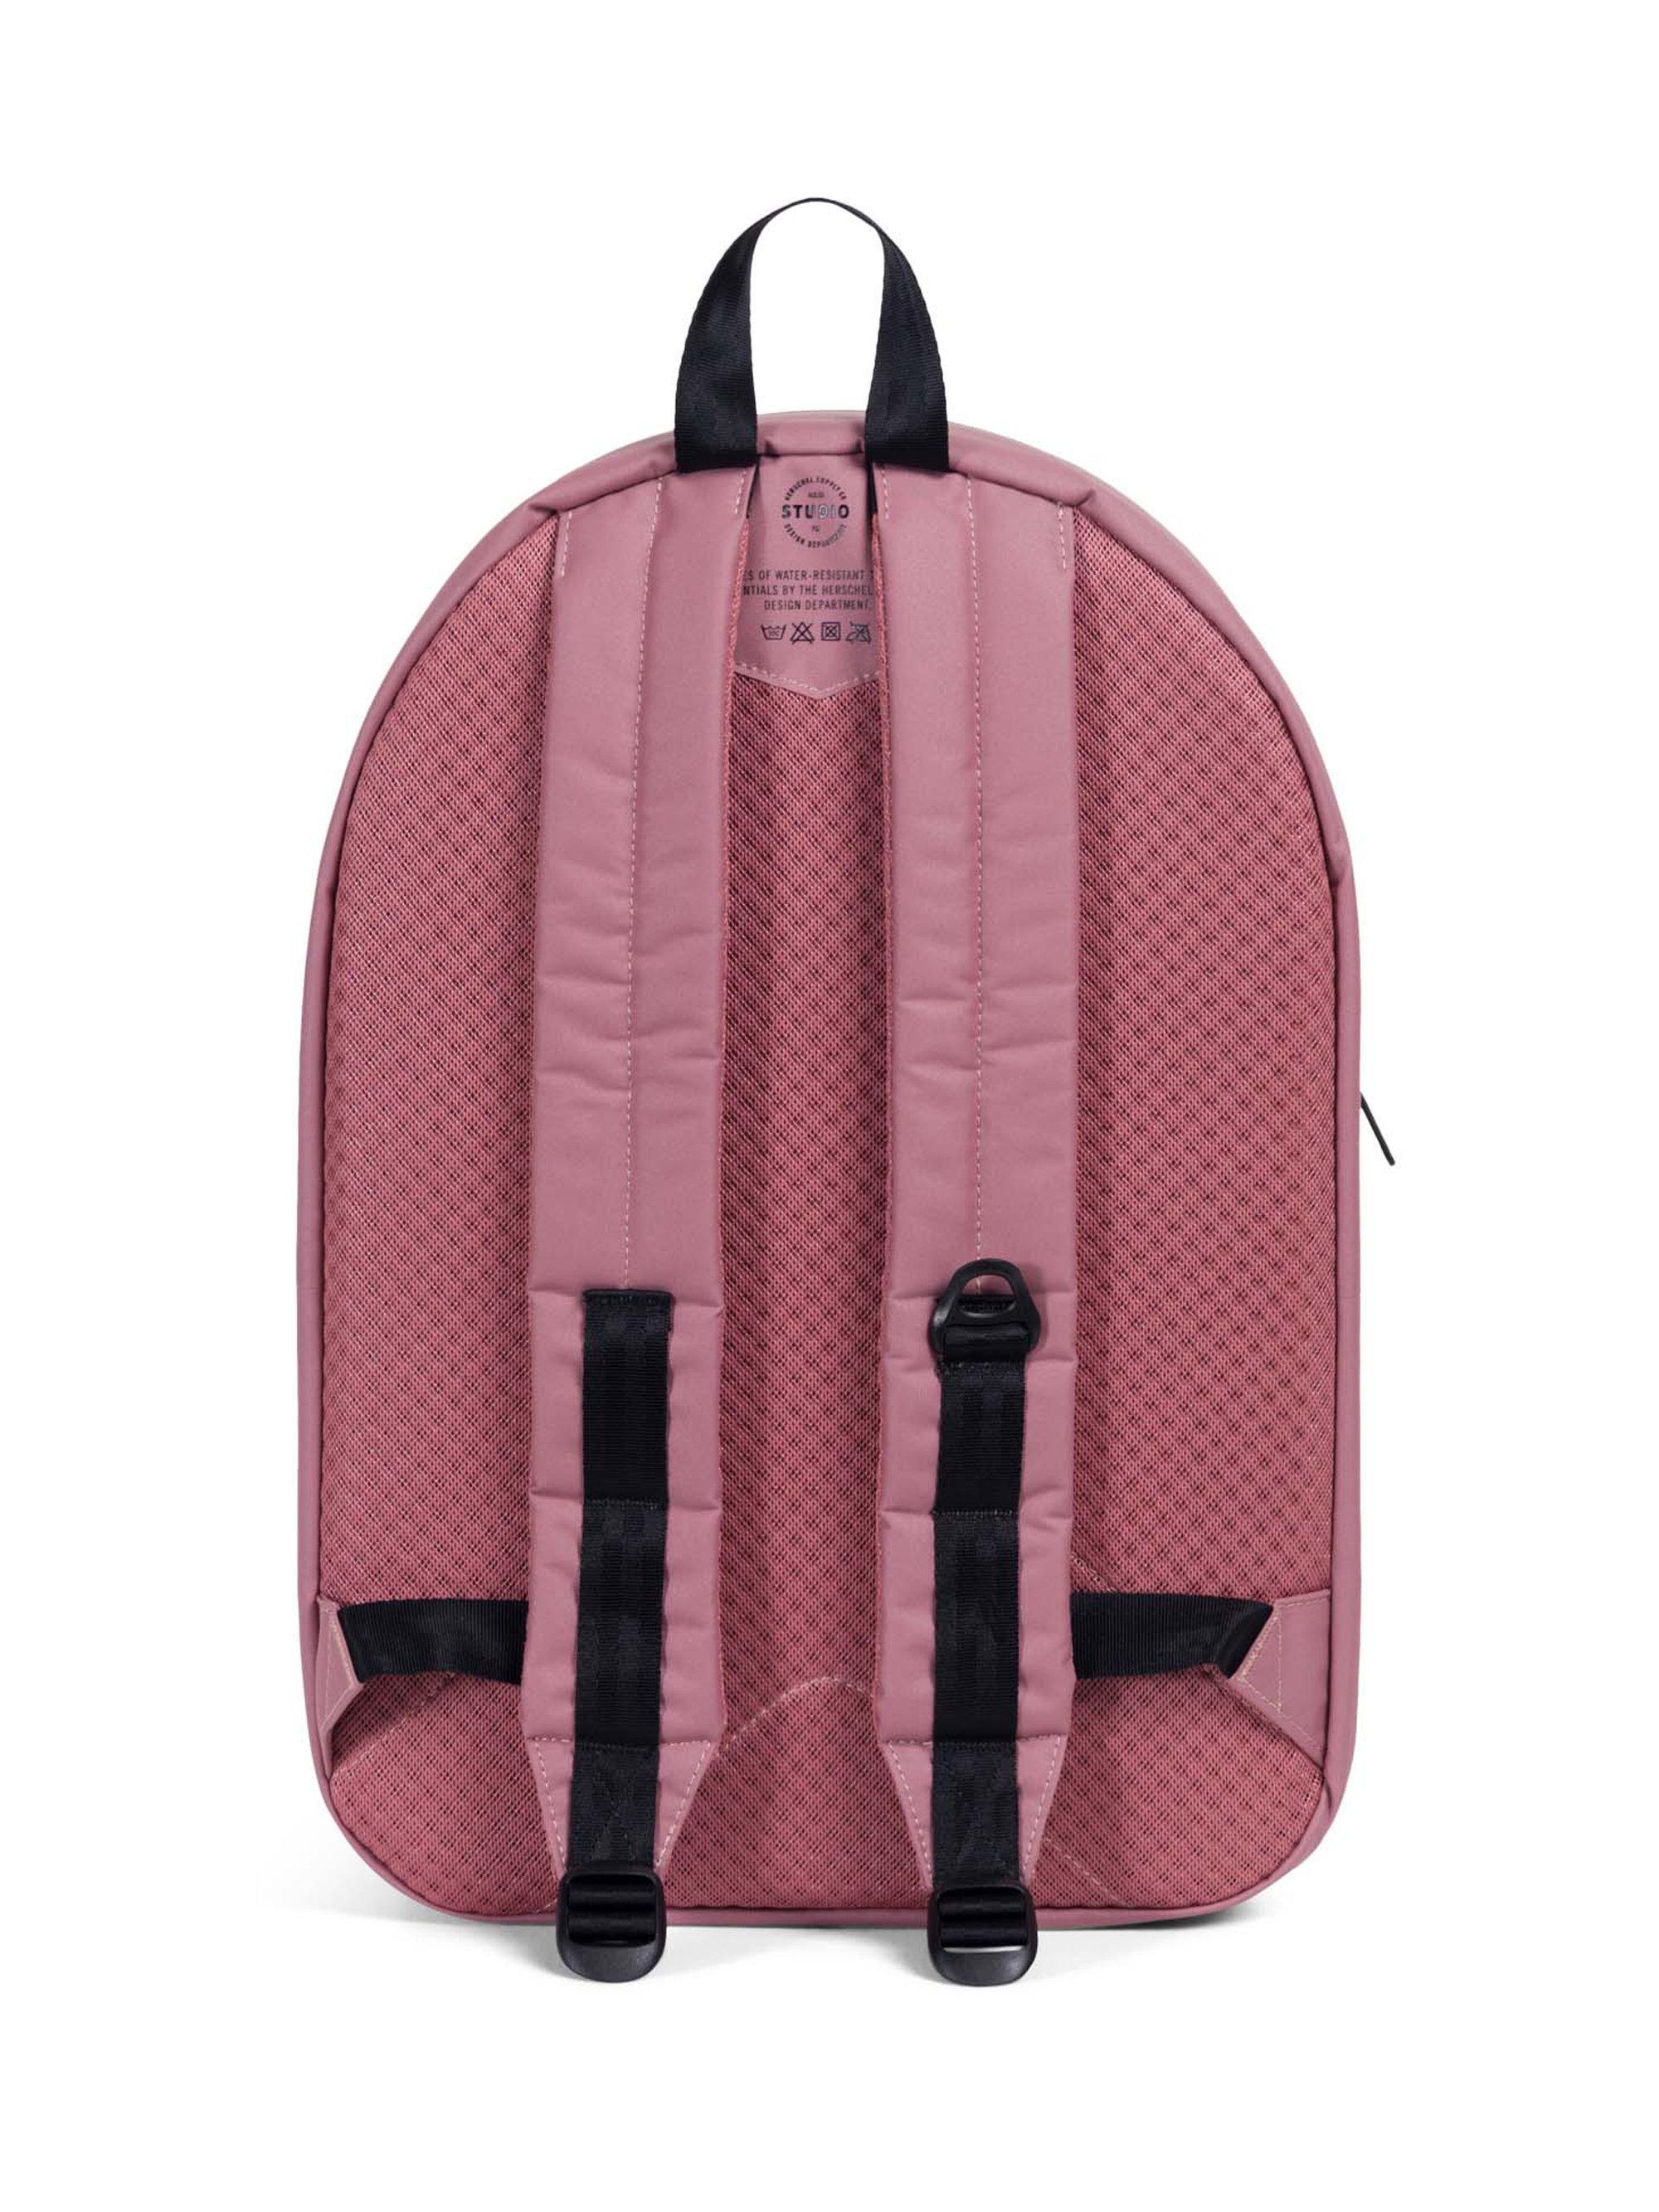 8d683a09408 Herschel Supply Co. - Pink Men s Settlement Tarpaulin Backpack - Ash Rose  for Men -. View fullscreen